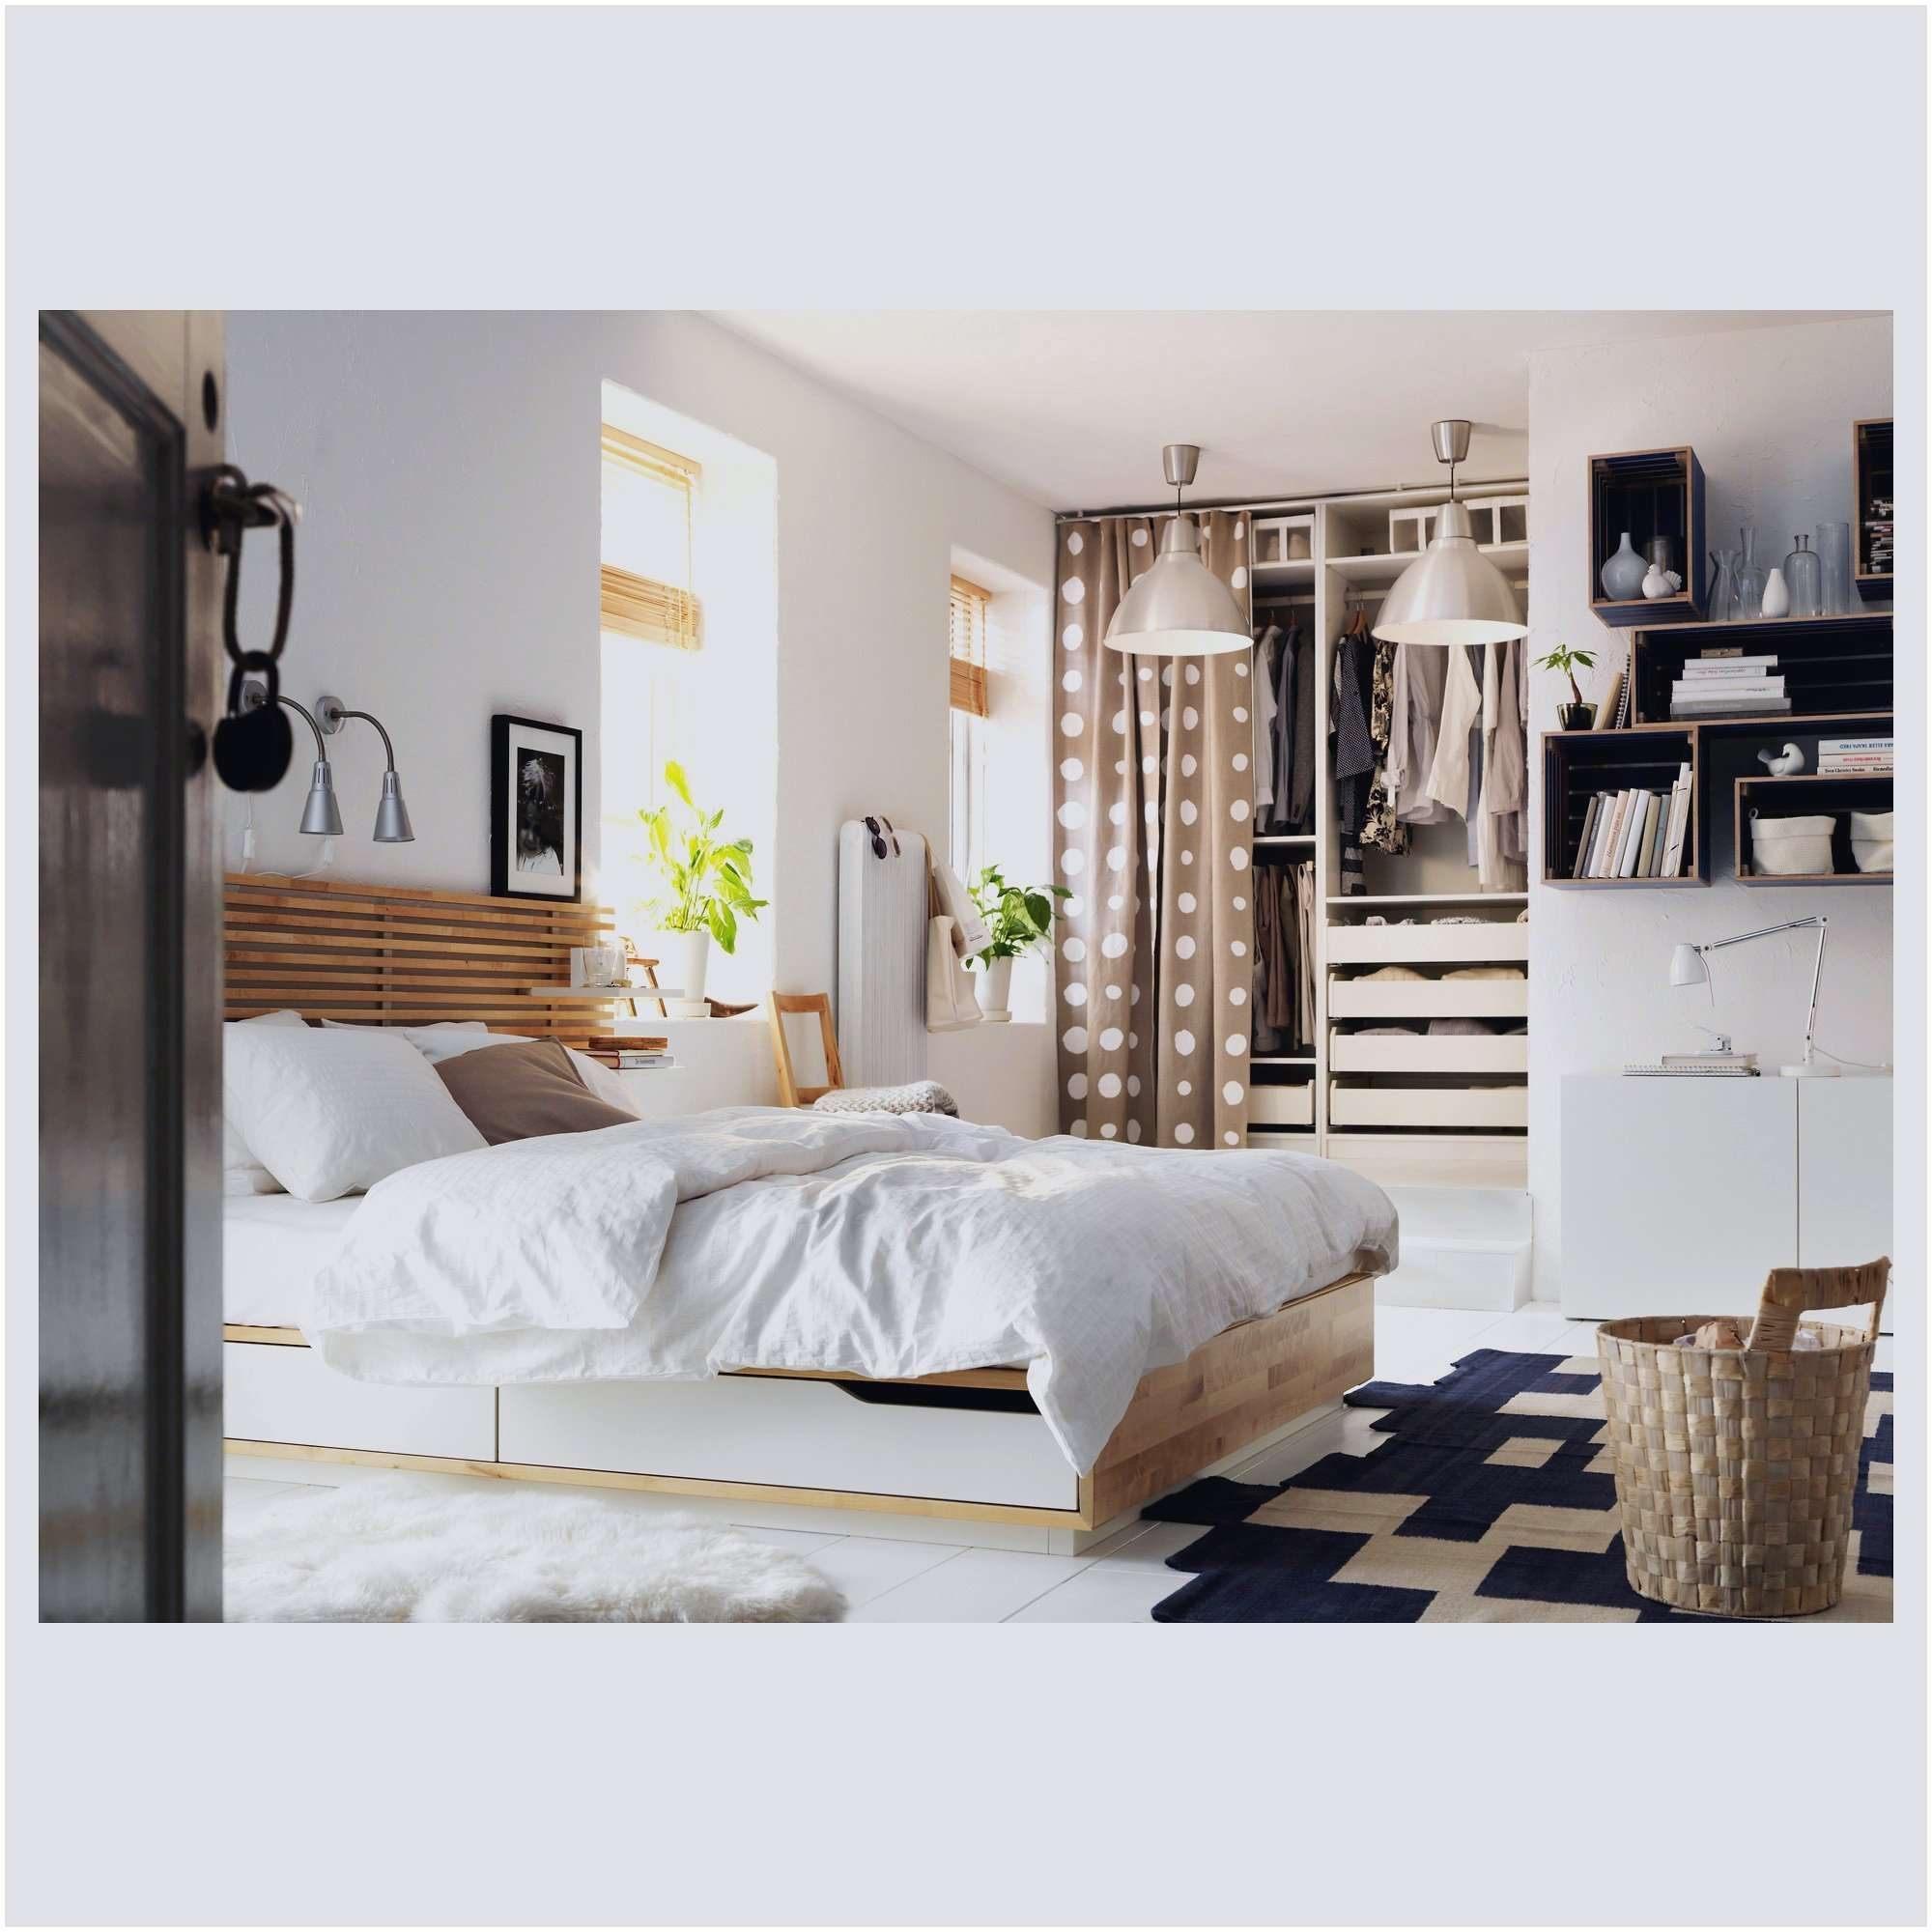 Lit Voiture Ikea Meilleur De Inspiré Ikea Tete De Lit Avec Rangement Pour Choix Tete De Lit En